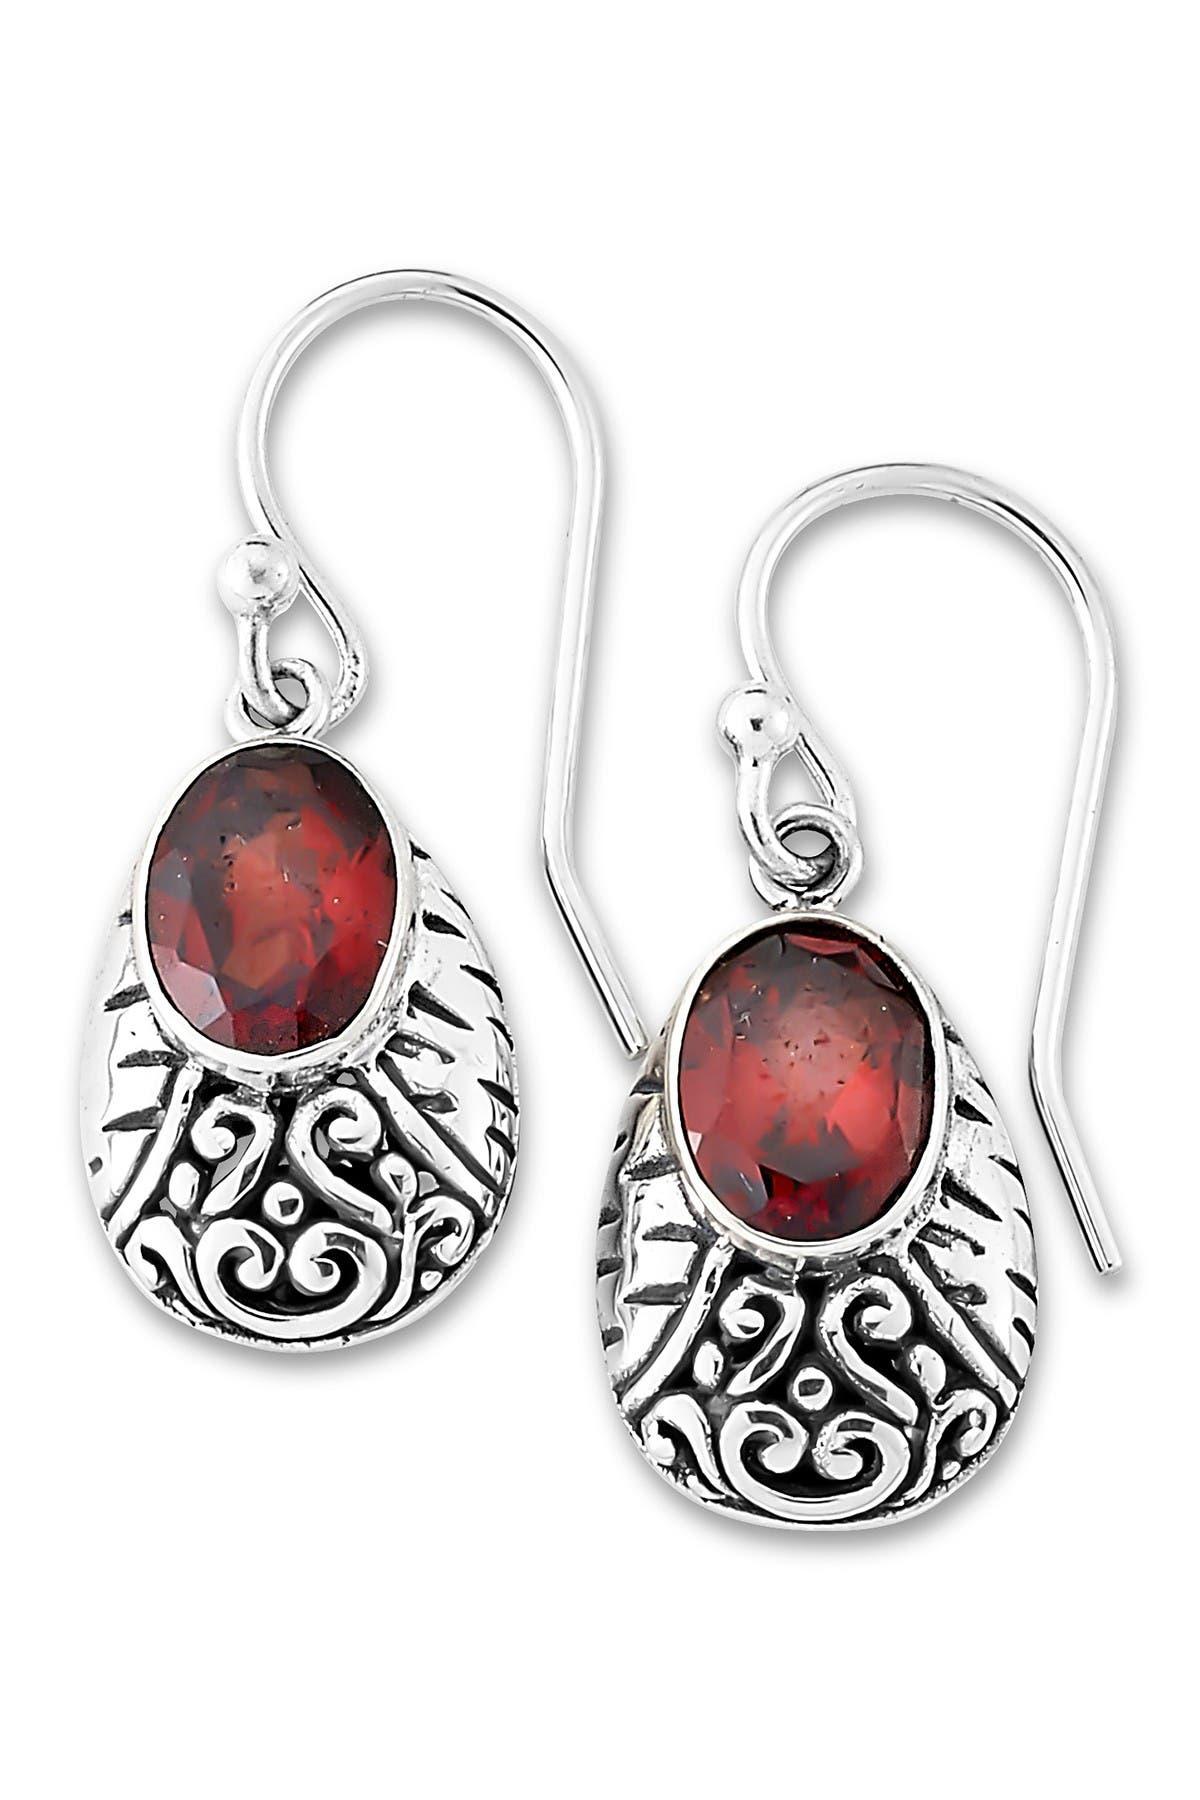 Image of Samuel B Jewelry Sterling Silver Oval Garnet Bali Design Drop Earrings